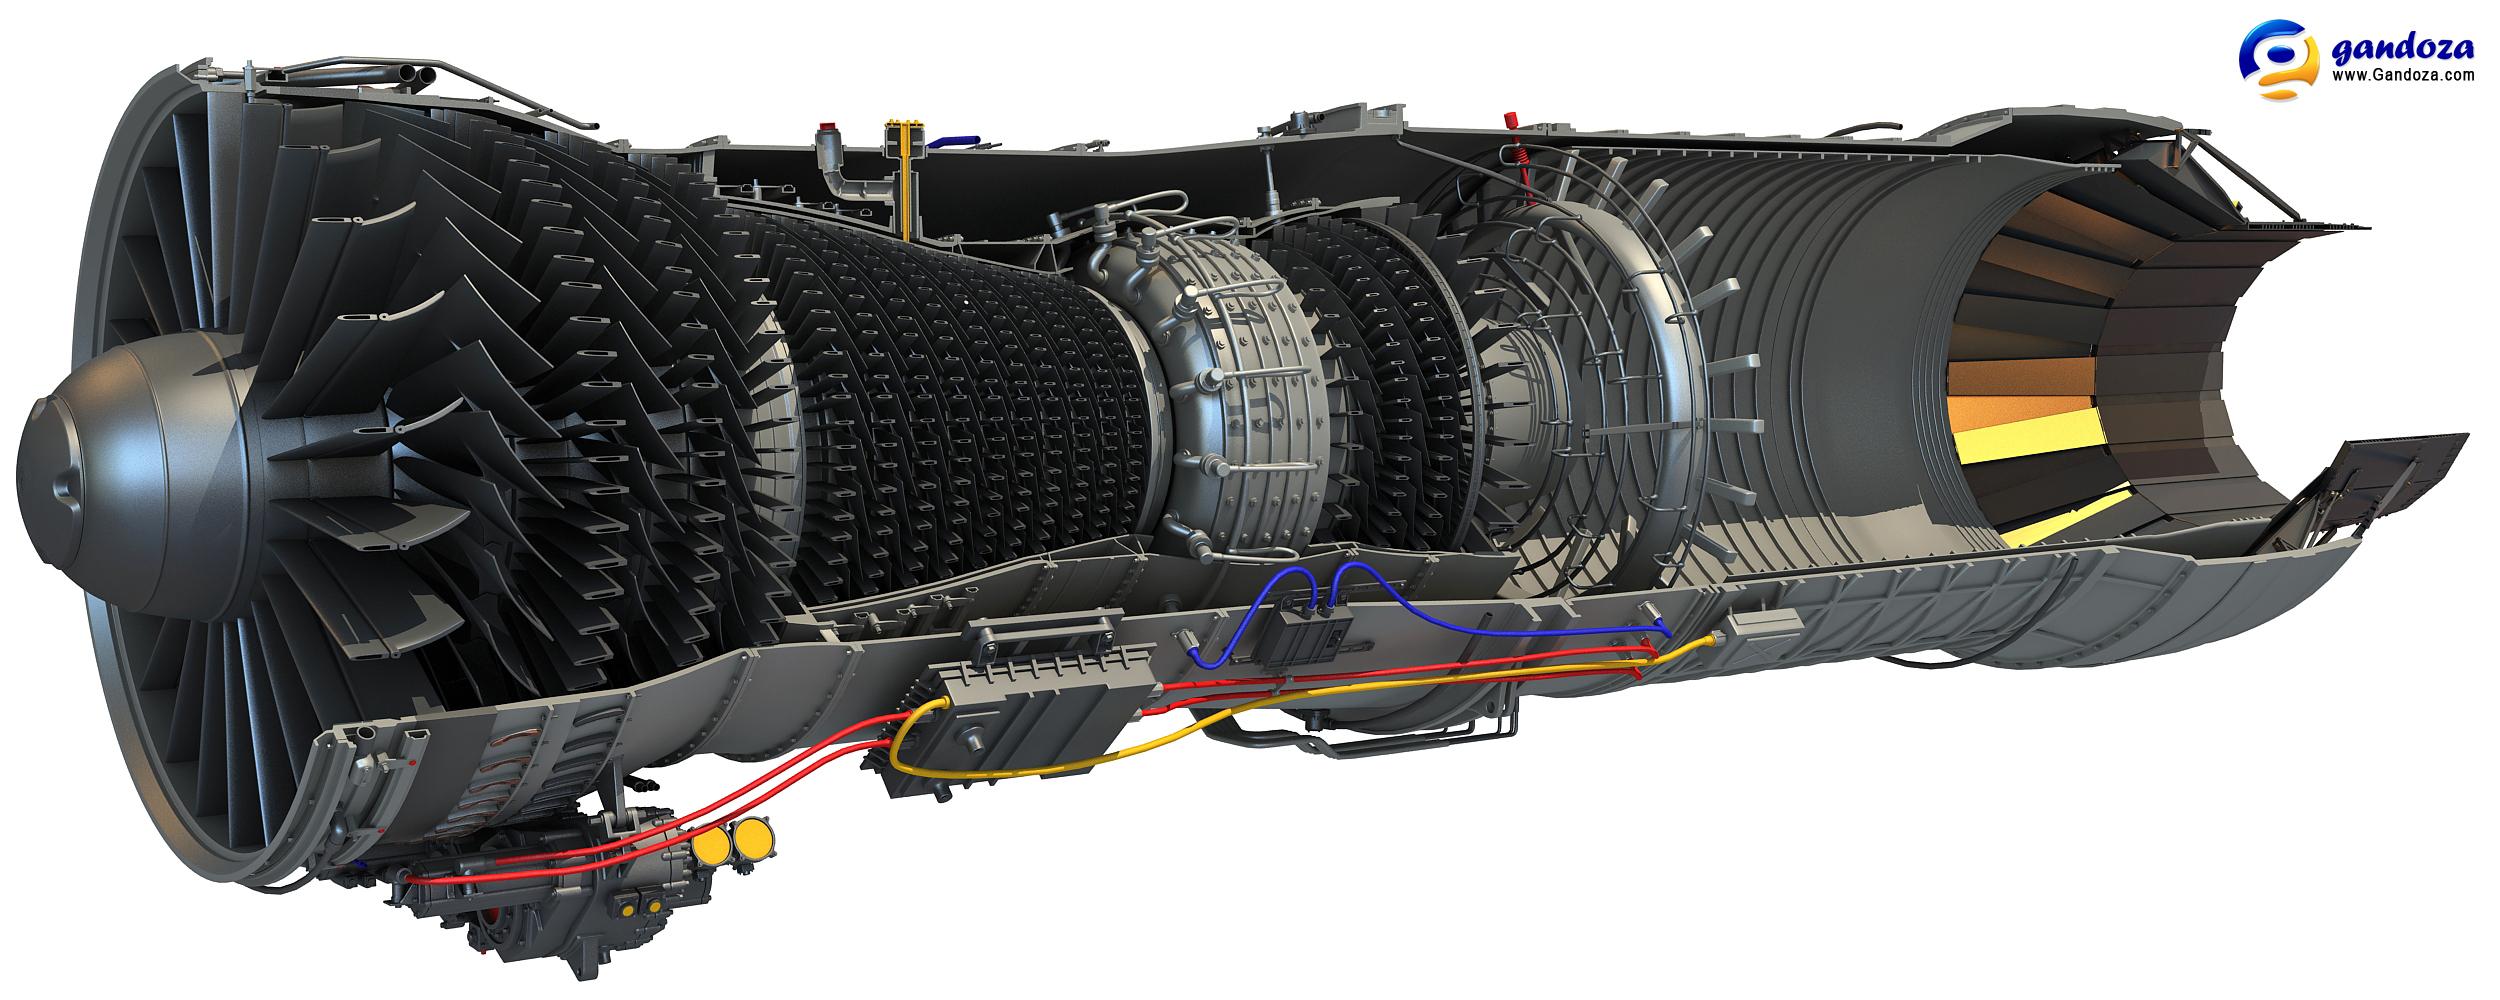 F100 Turbofan Engine Cutaway By Gandoza On Deviantart